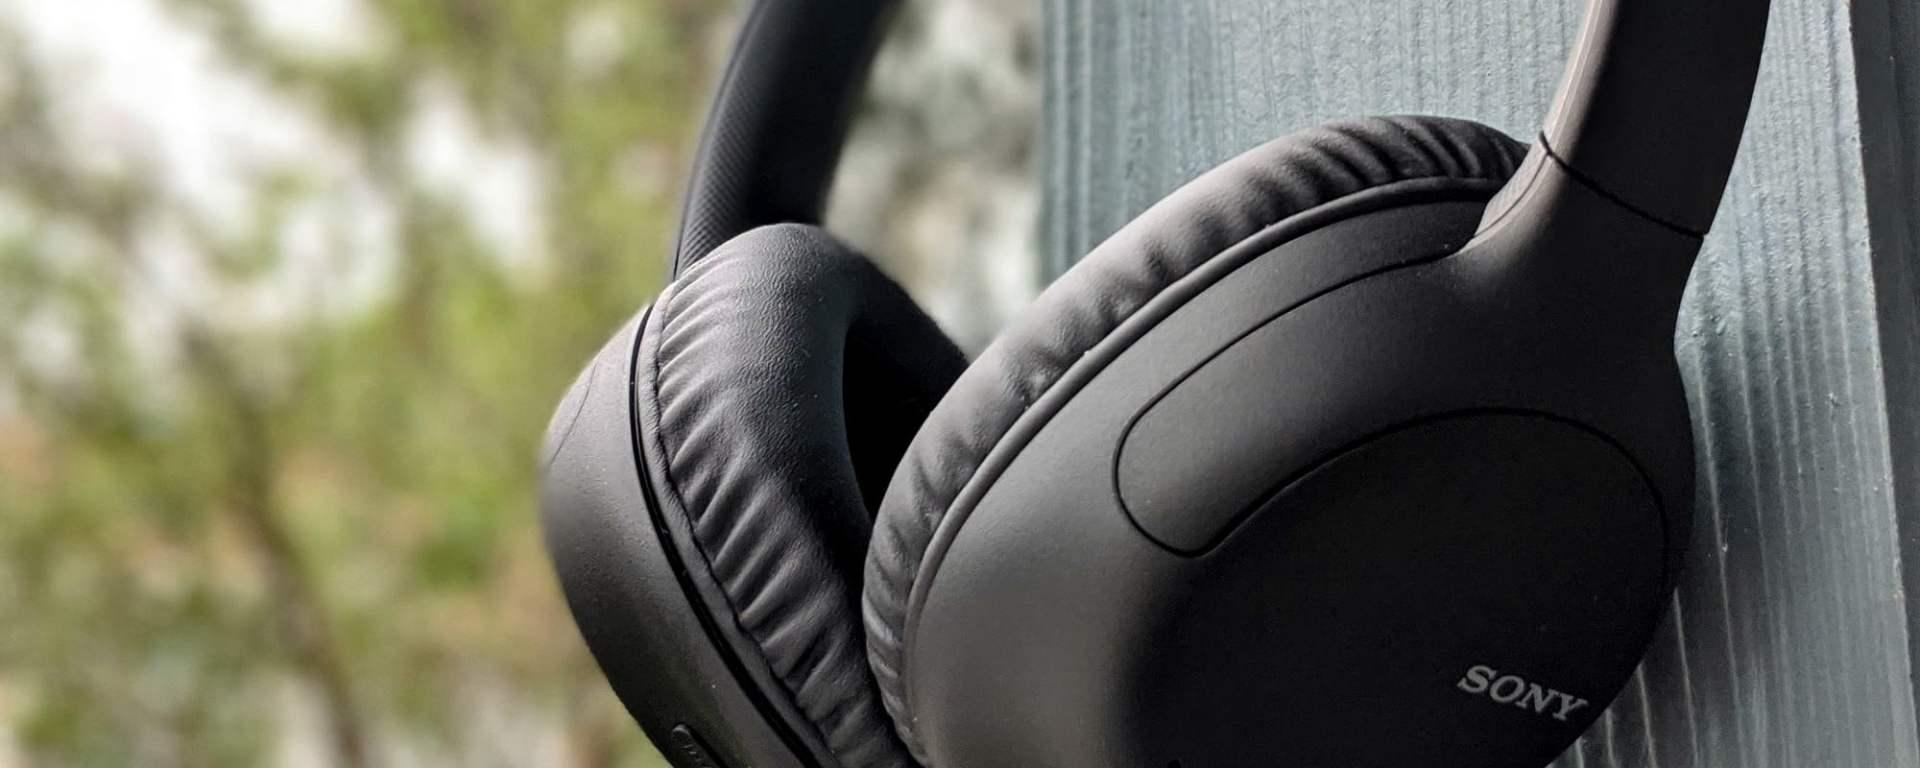 Casti audio Sony WH-CH710NB, Noise Canceling, Google Assistant, Wireless, Bluetooth, NFC, Autonomie de 35 ore, Negru